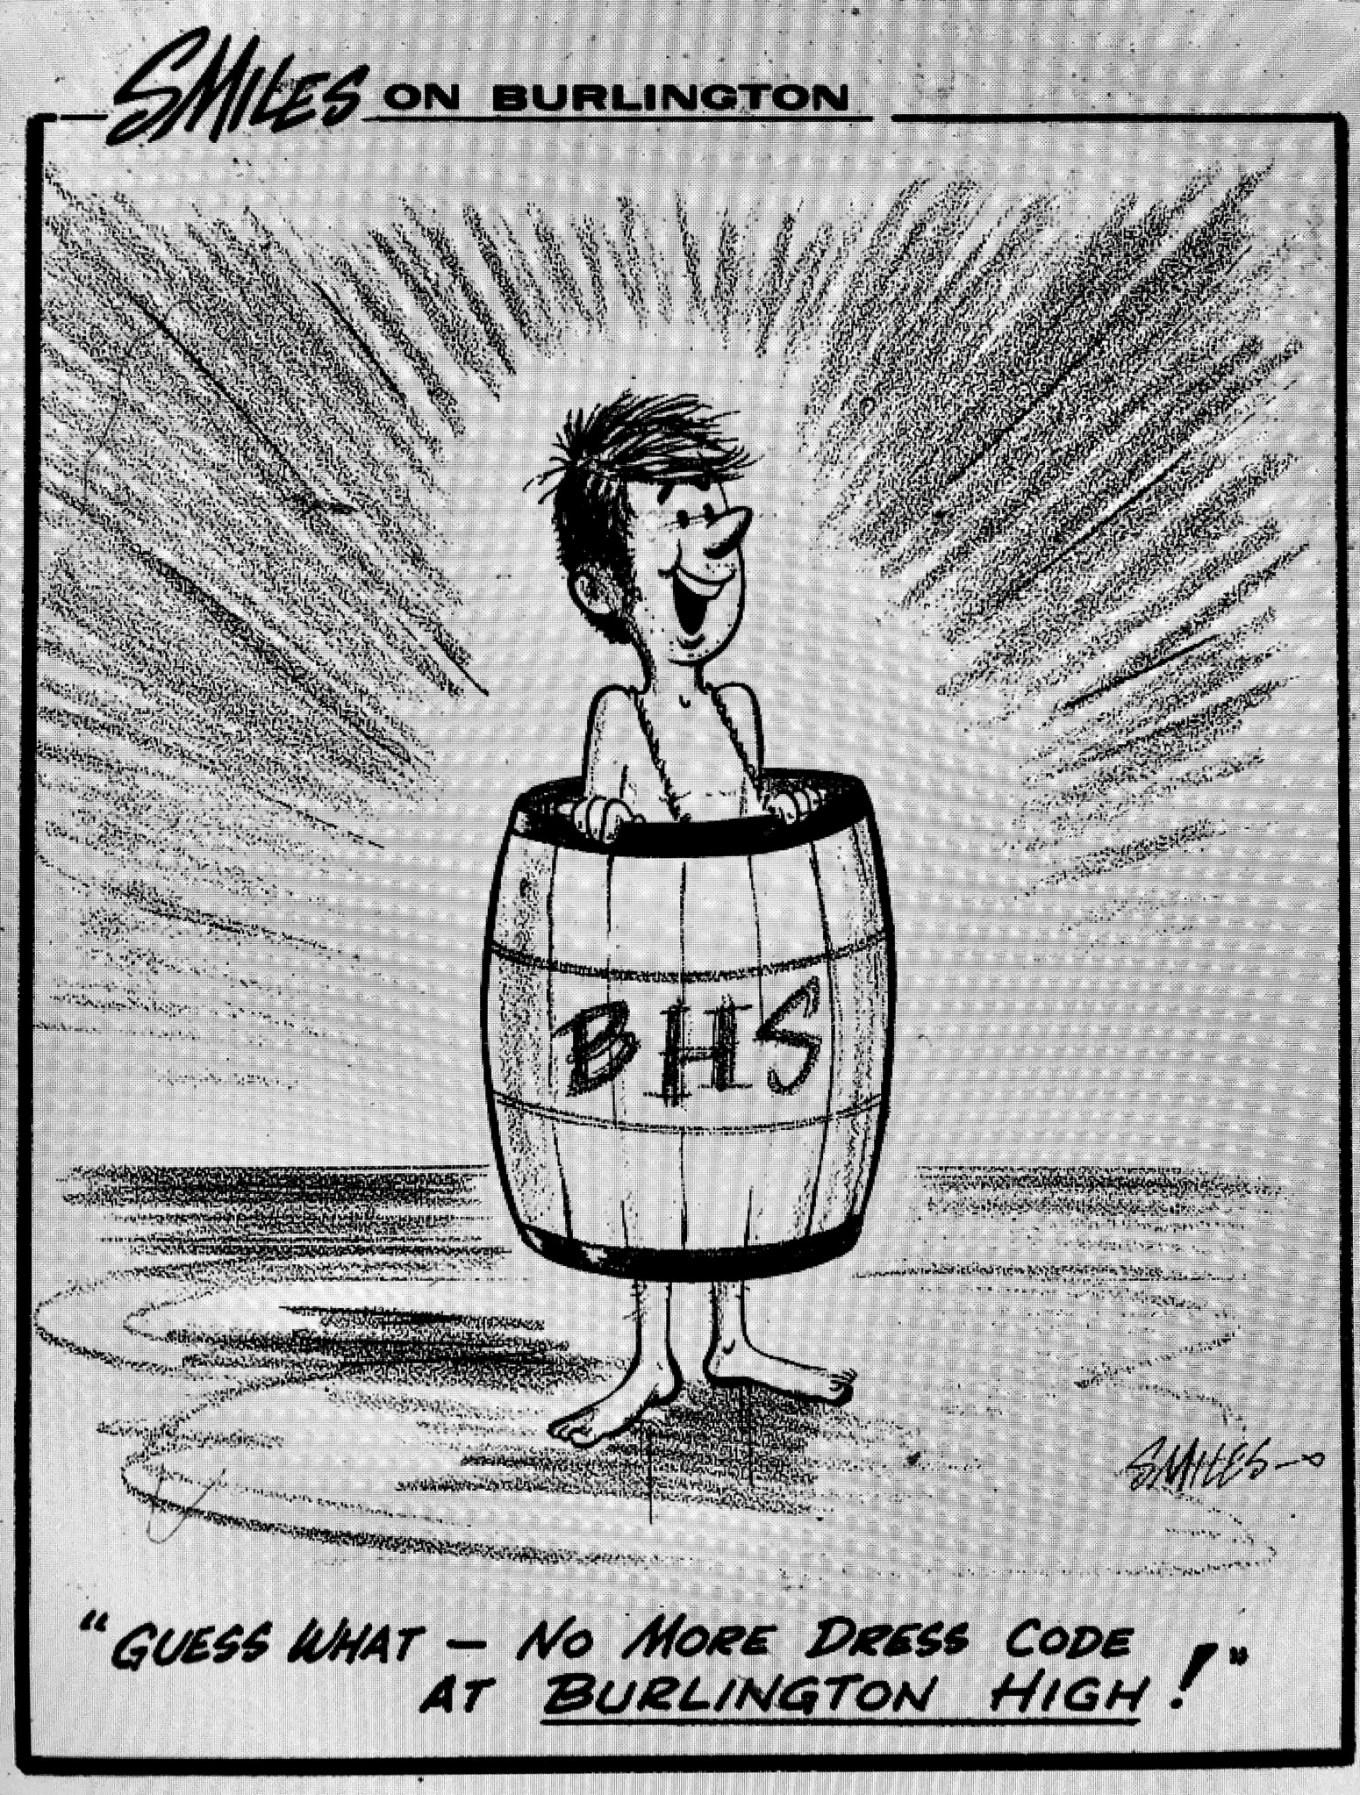 High School dress code cartoon